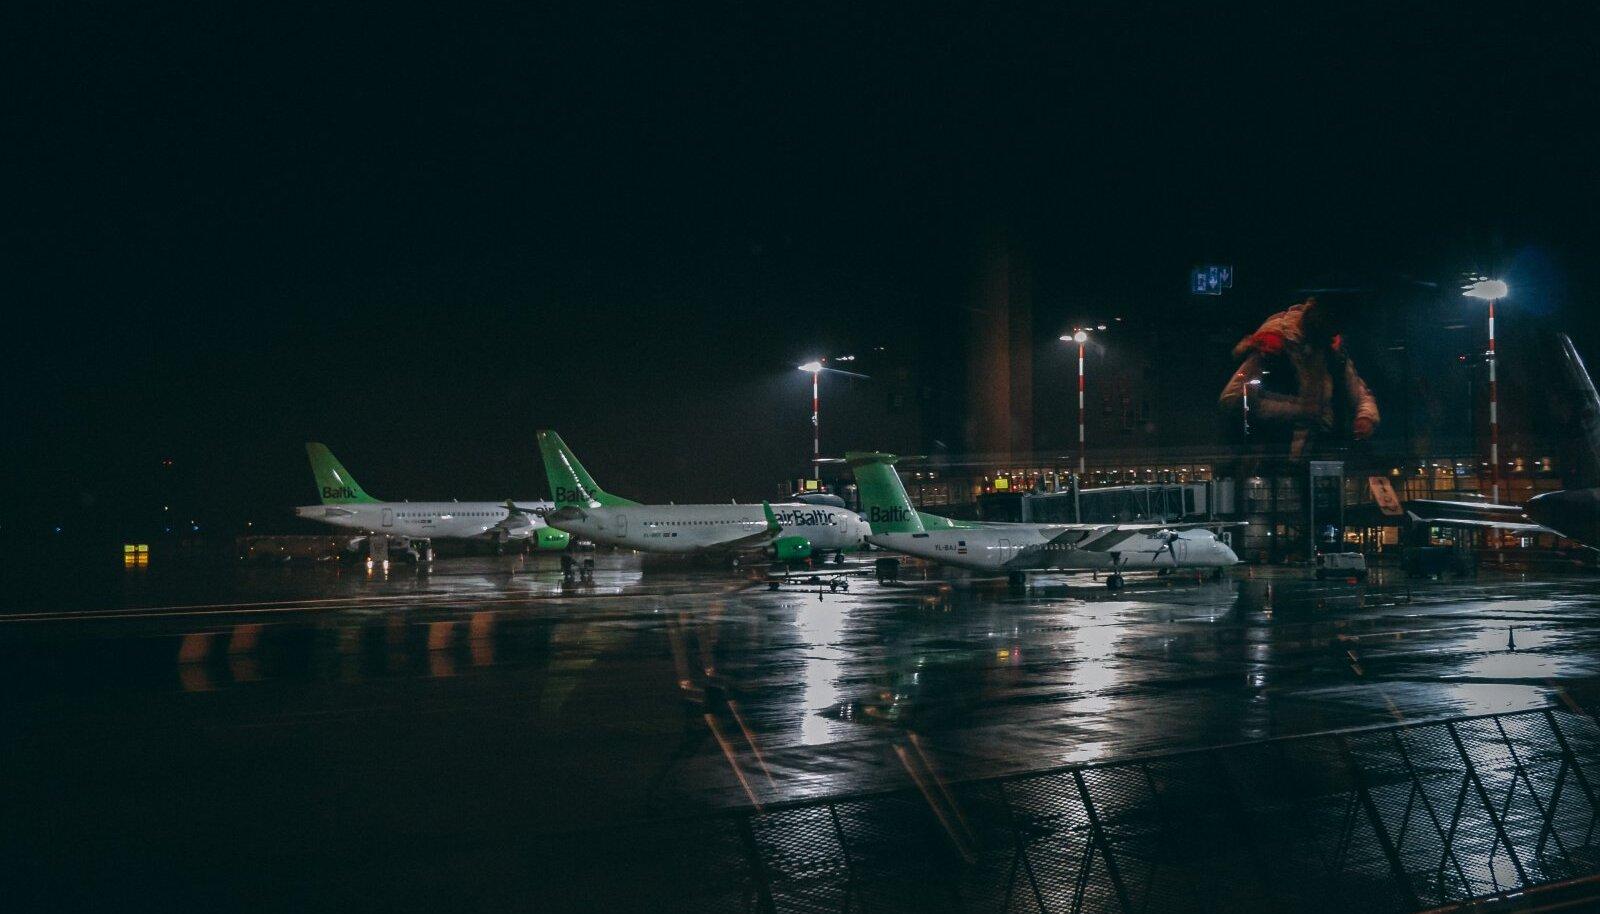 airBalticu lennukid Riia lennujaamas